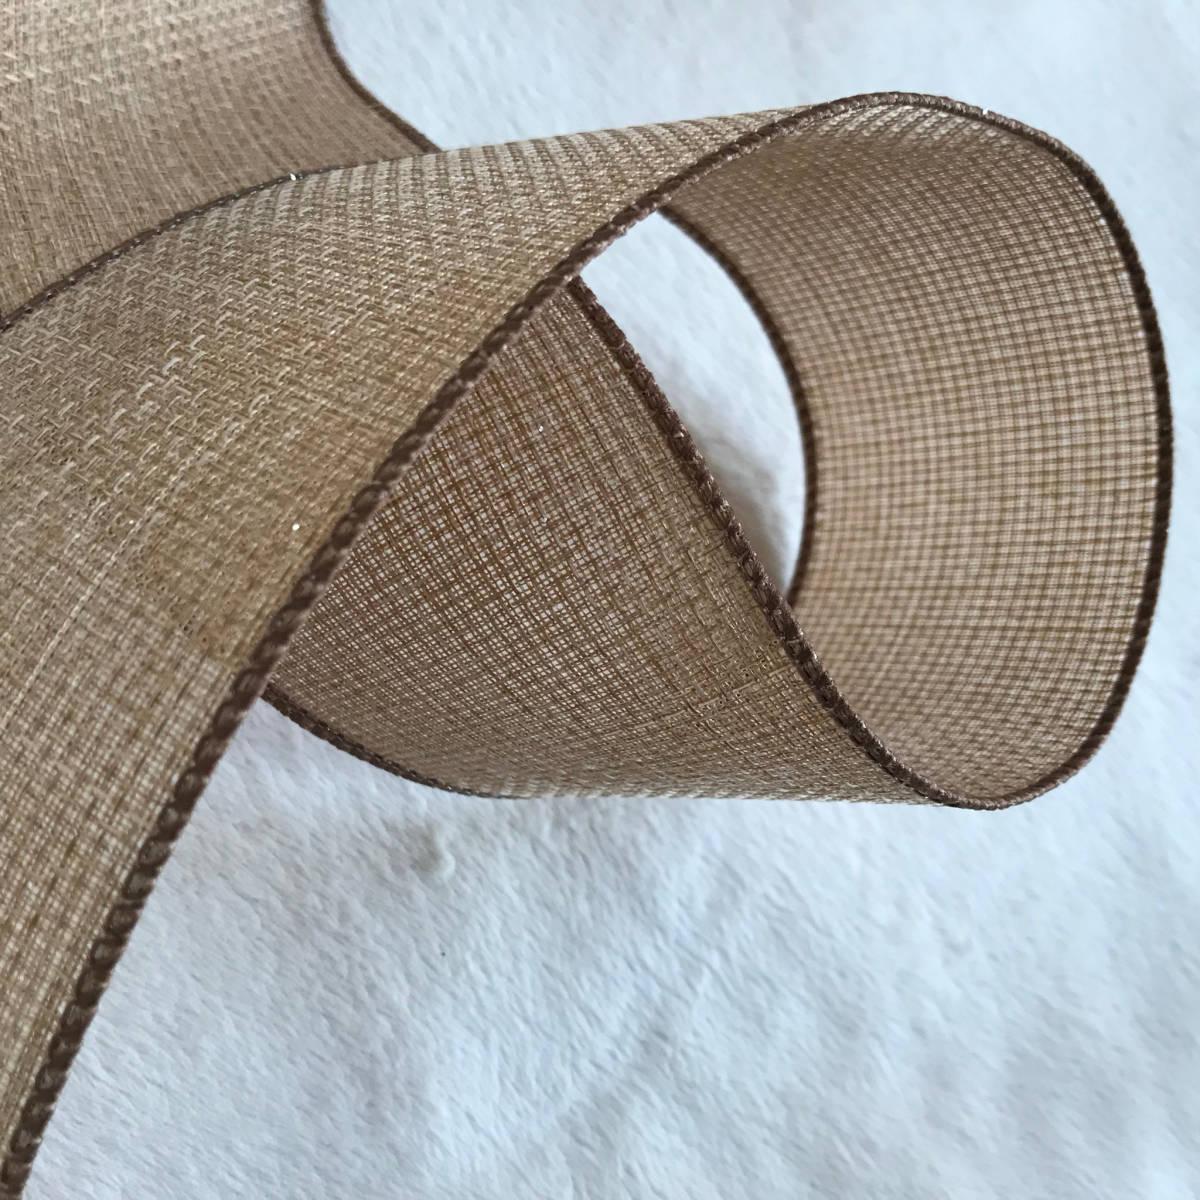 幅約6cm 長さ2m ワイヤーエッジリボン シンプル 茶系 ラッピングやクリスマスオーナメント ハンドメイド作品などに♪ カット売り ribbon_画像3